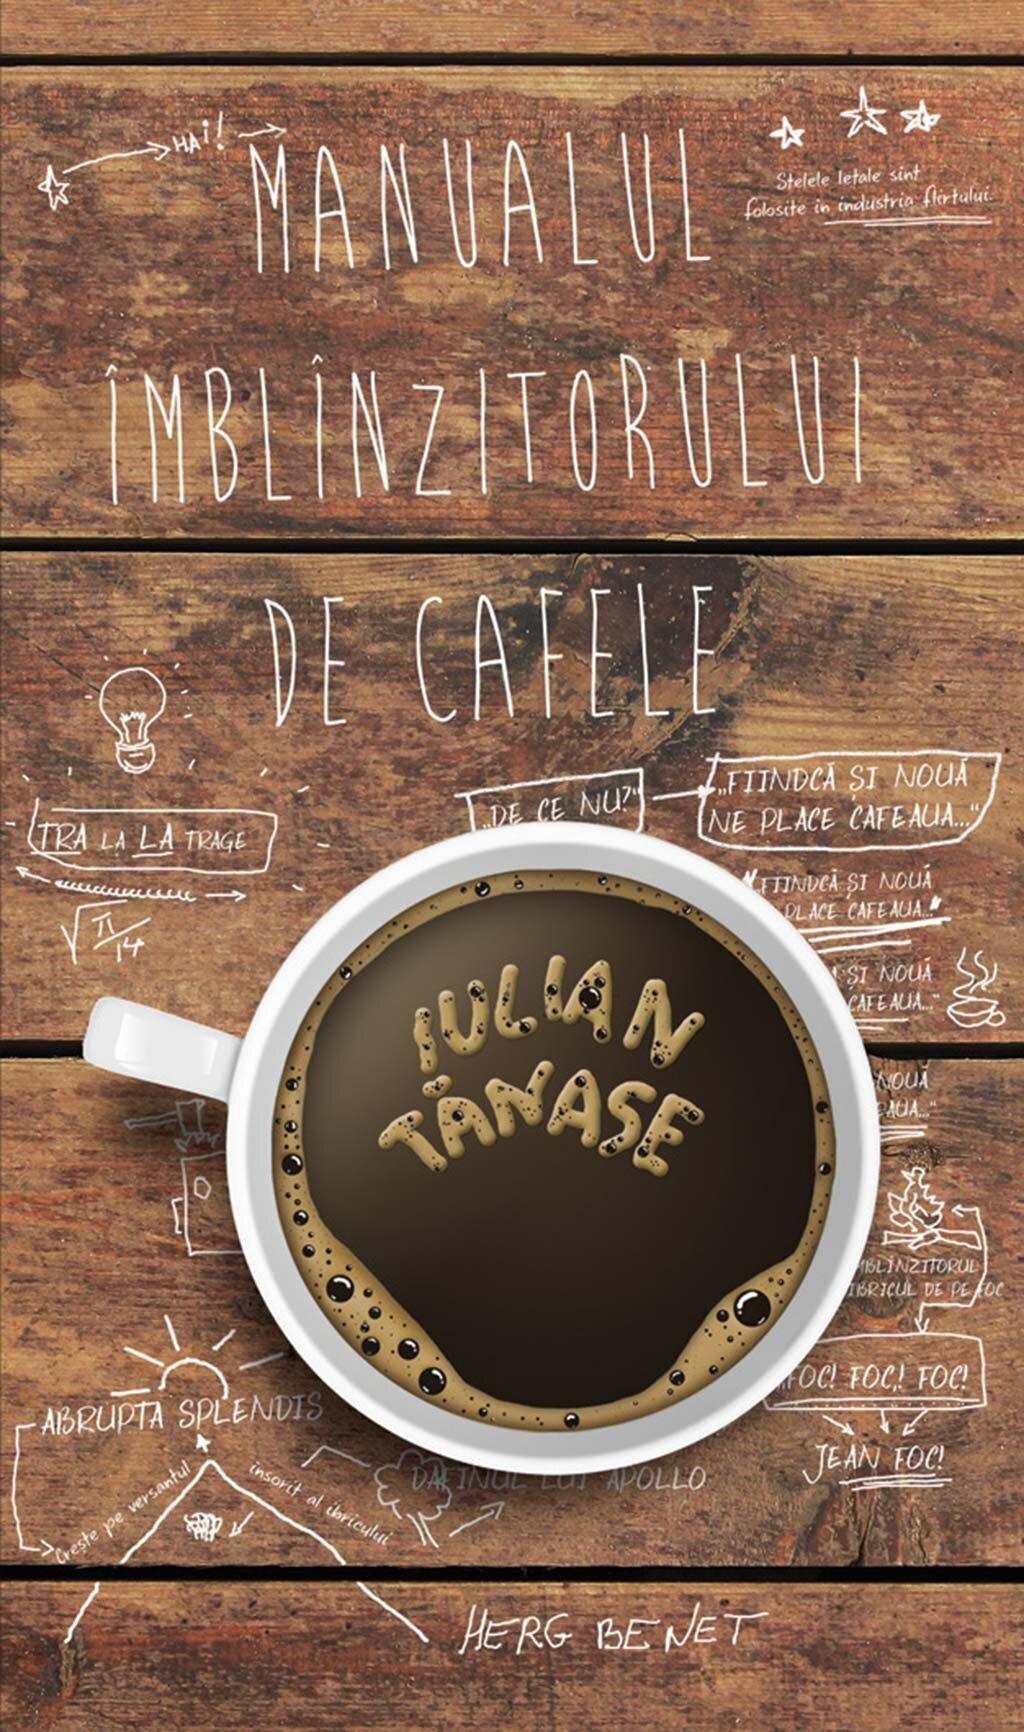 Manualul Imblinzitorului de Cafele (psalm turcesc) (eBook)